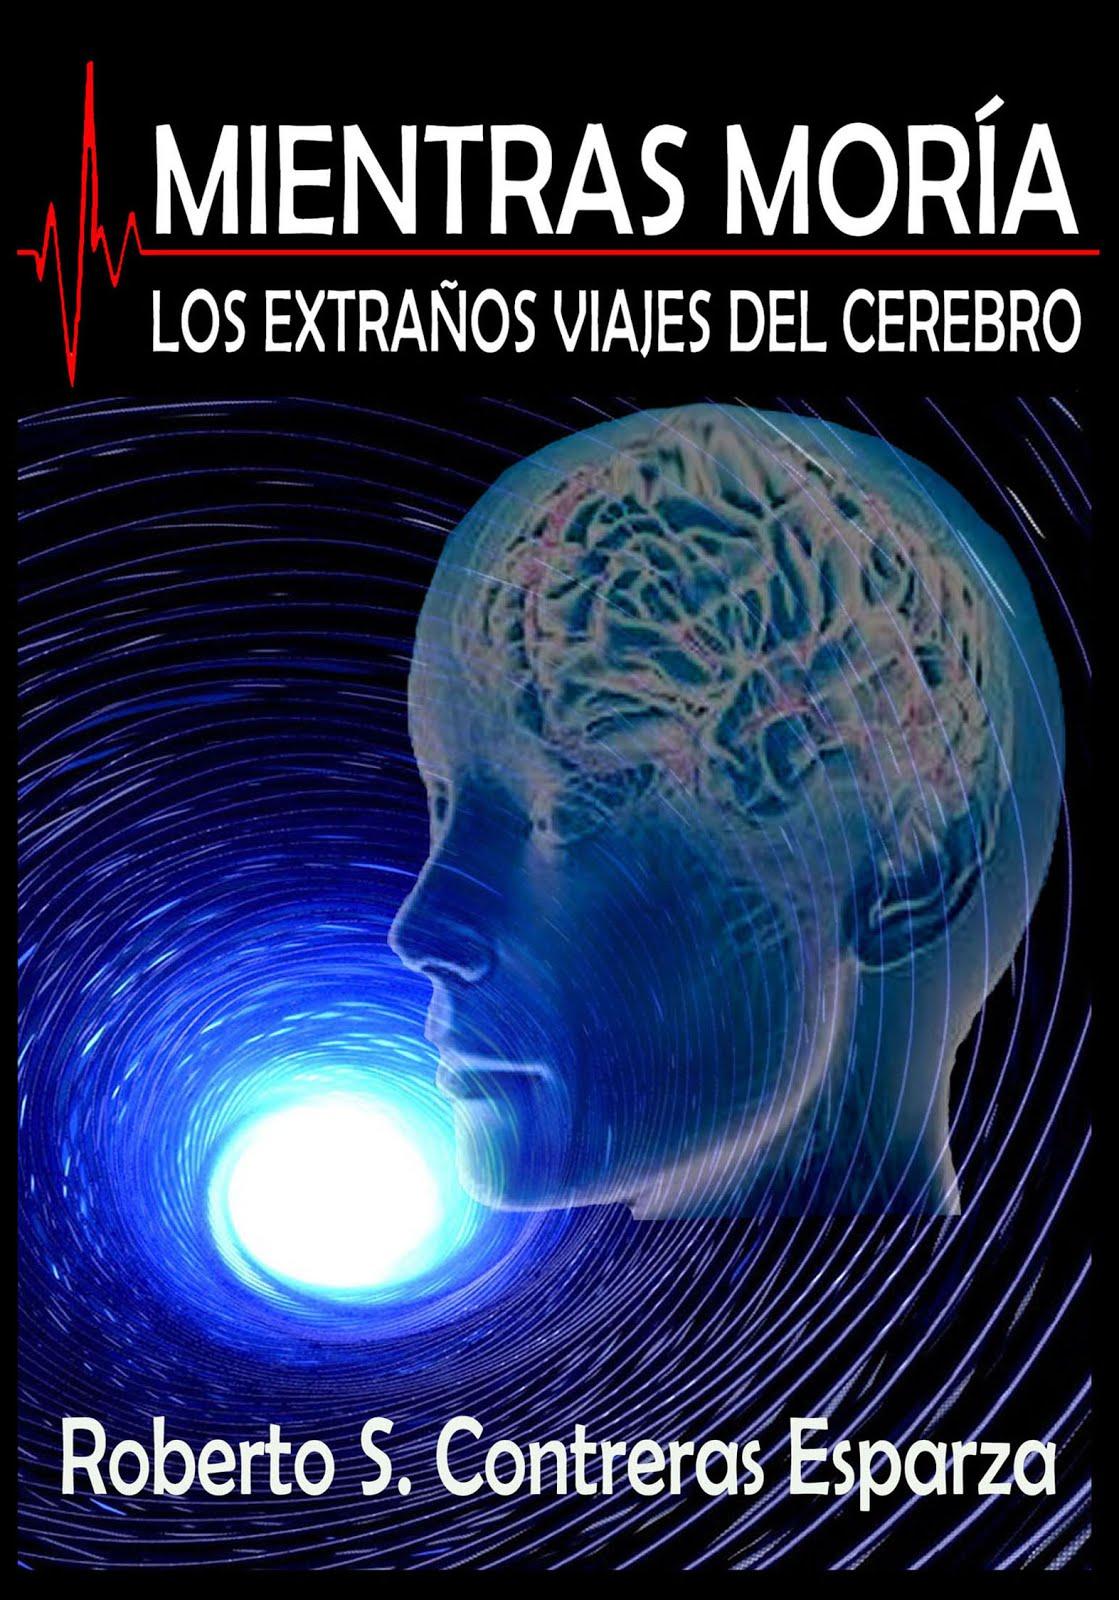 LOS EXTRAÑOS VIAJES DEL CEREBRO